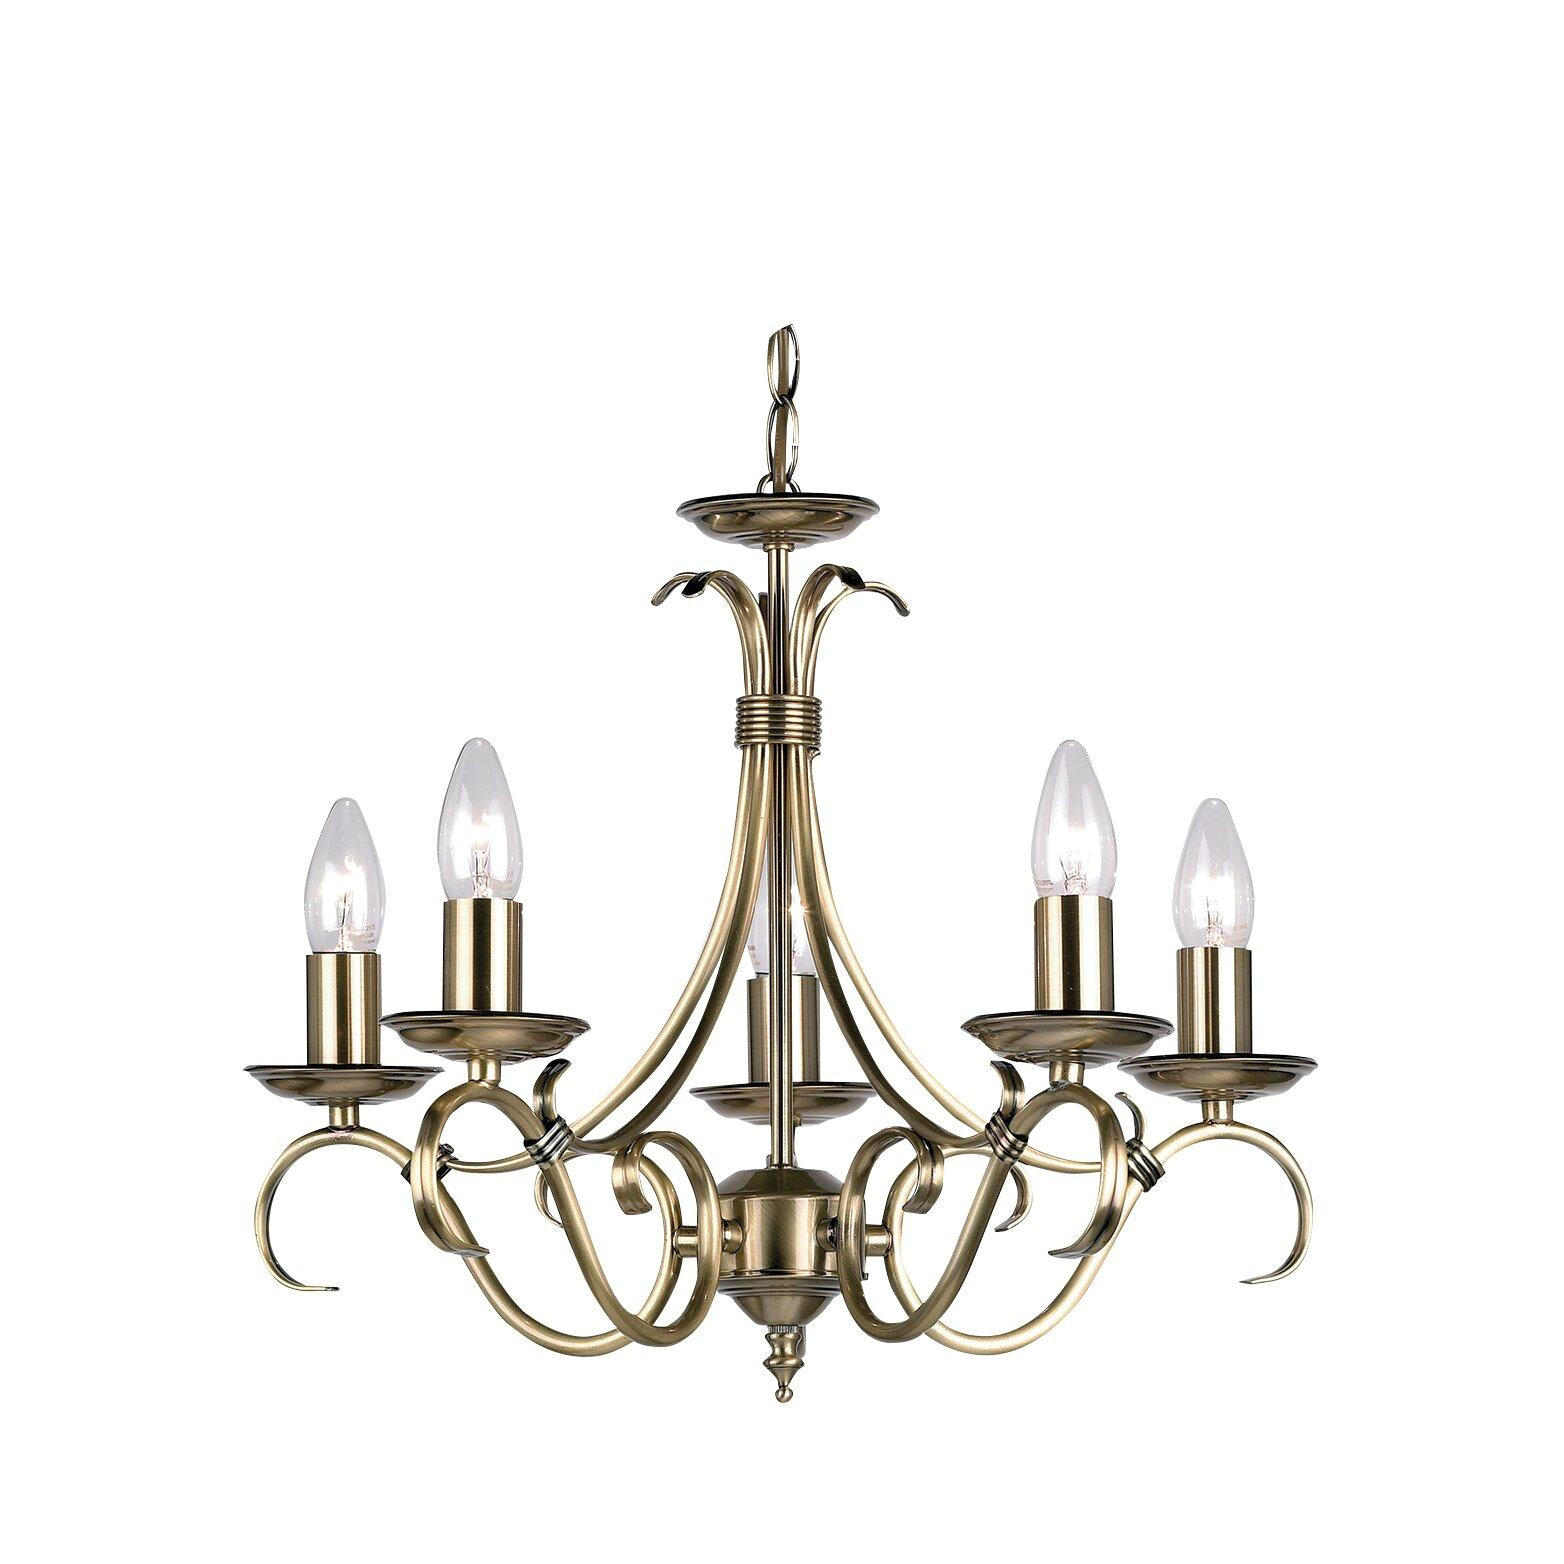 Endon Lighting 5 Light Grande Candle Chandelier Amp Reviews